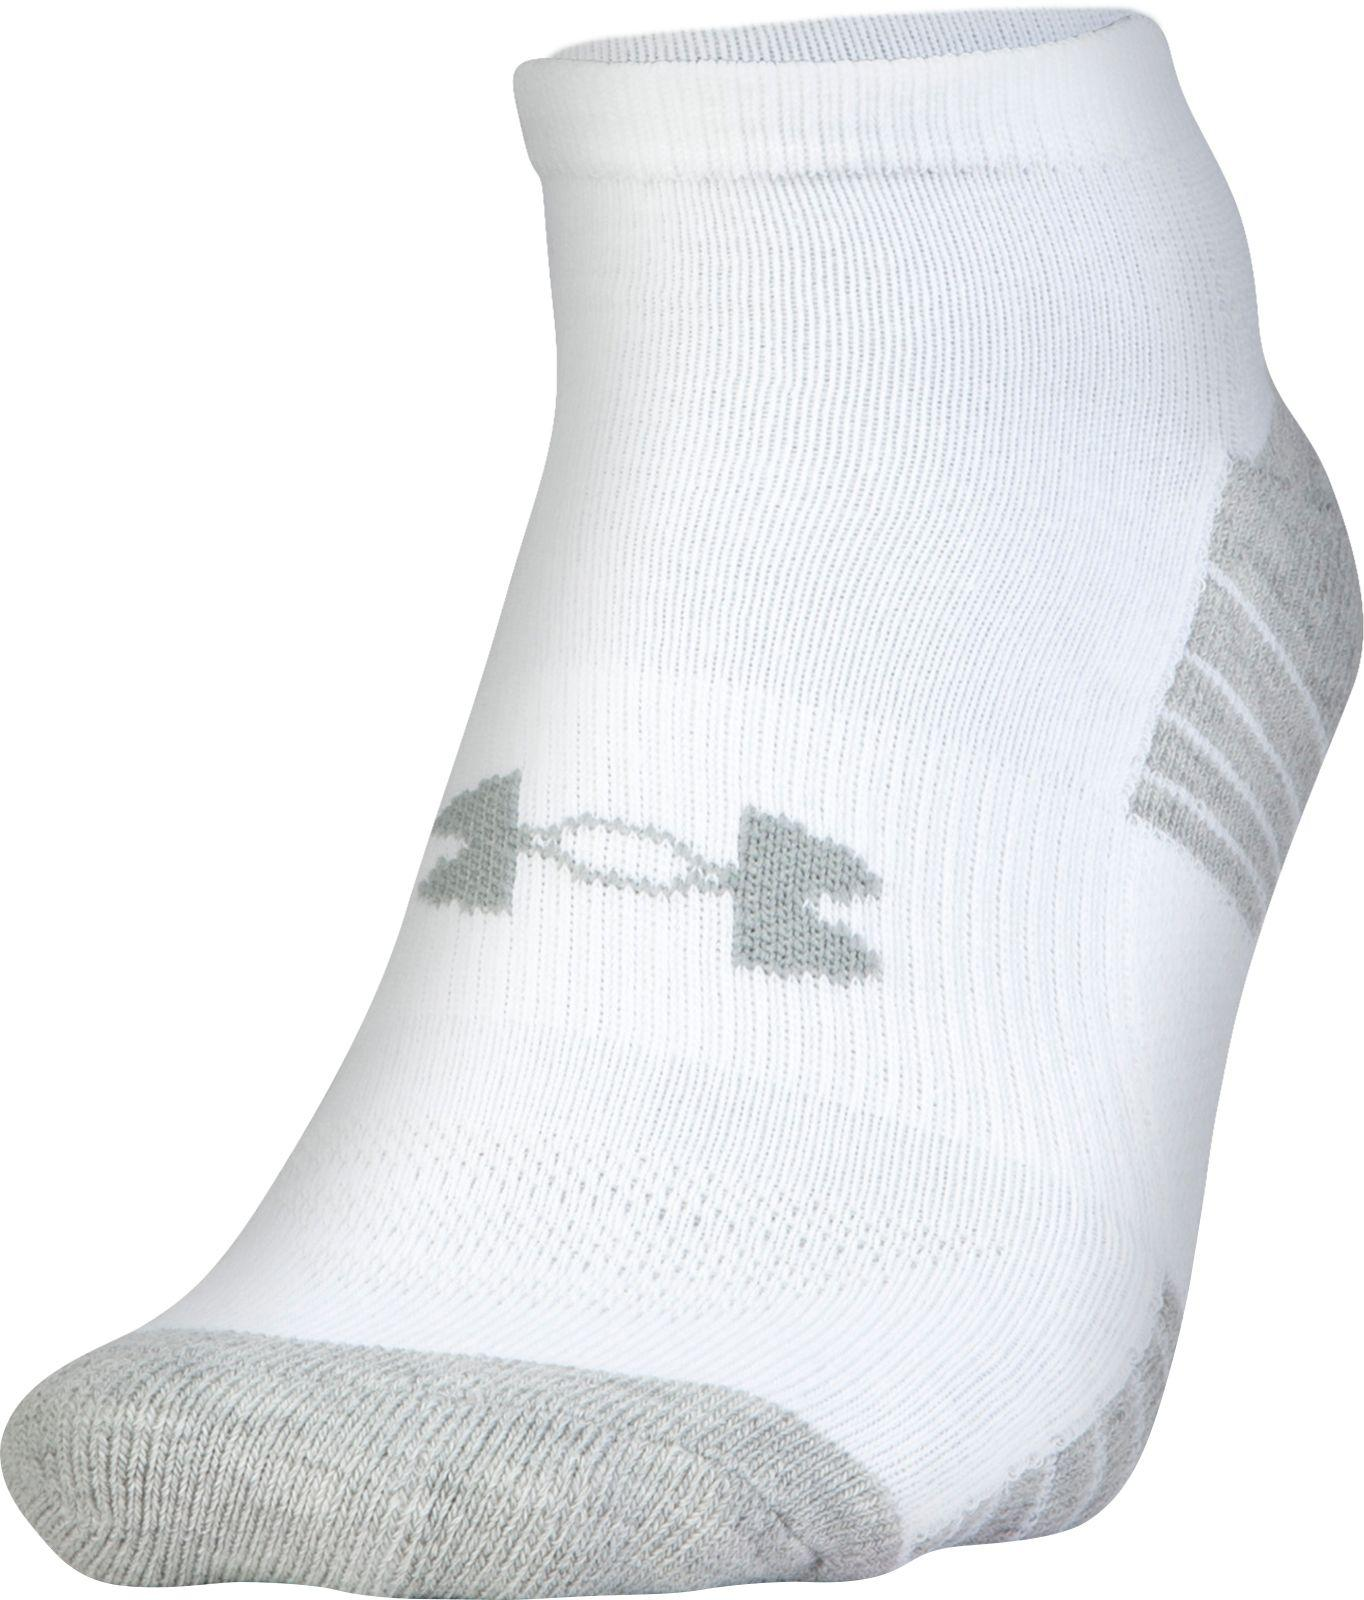 7fde83ddd Under Armour - White Heatgear Tech No-show Golf Socks - 3 Pack for Men.  View fullscreen